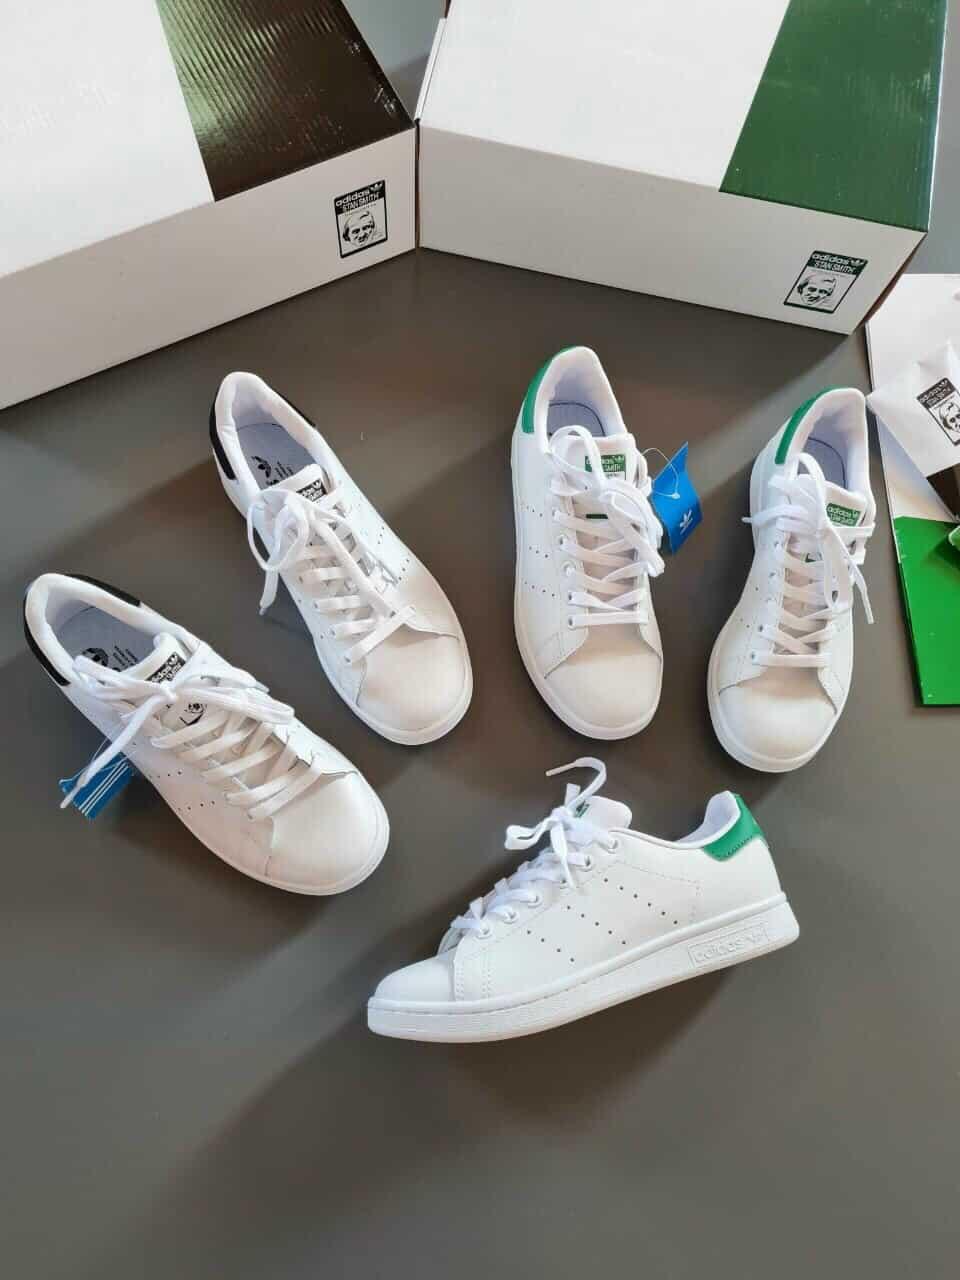 Phối giày Adidas trắng với áo phông và chân váy ngắn năng động